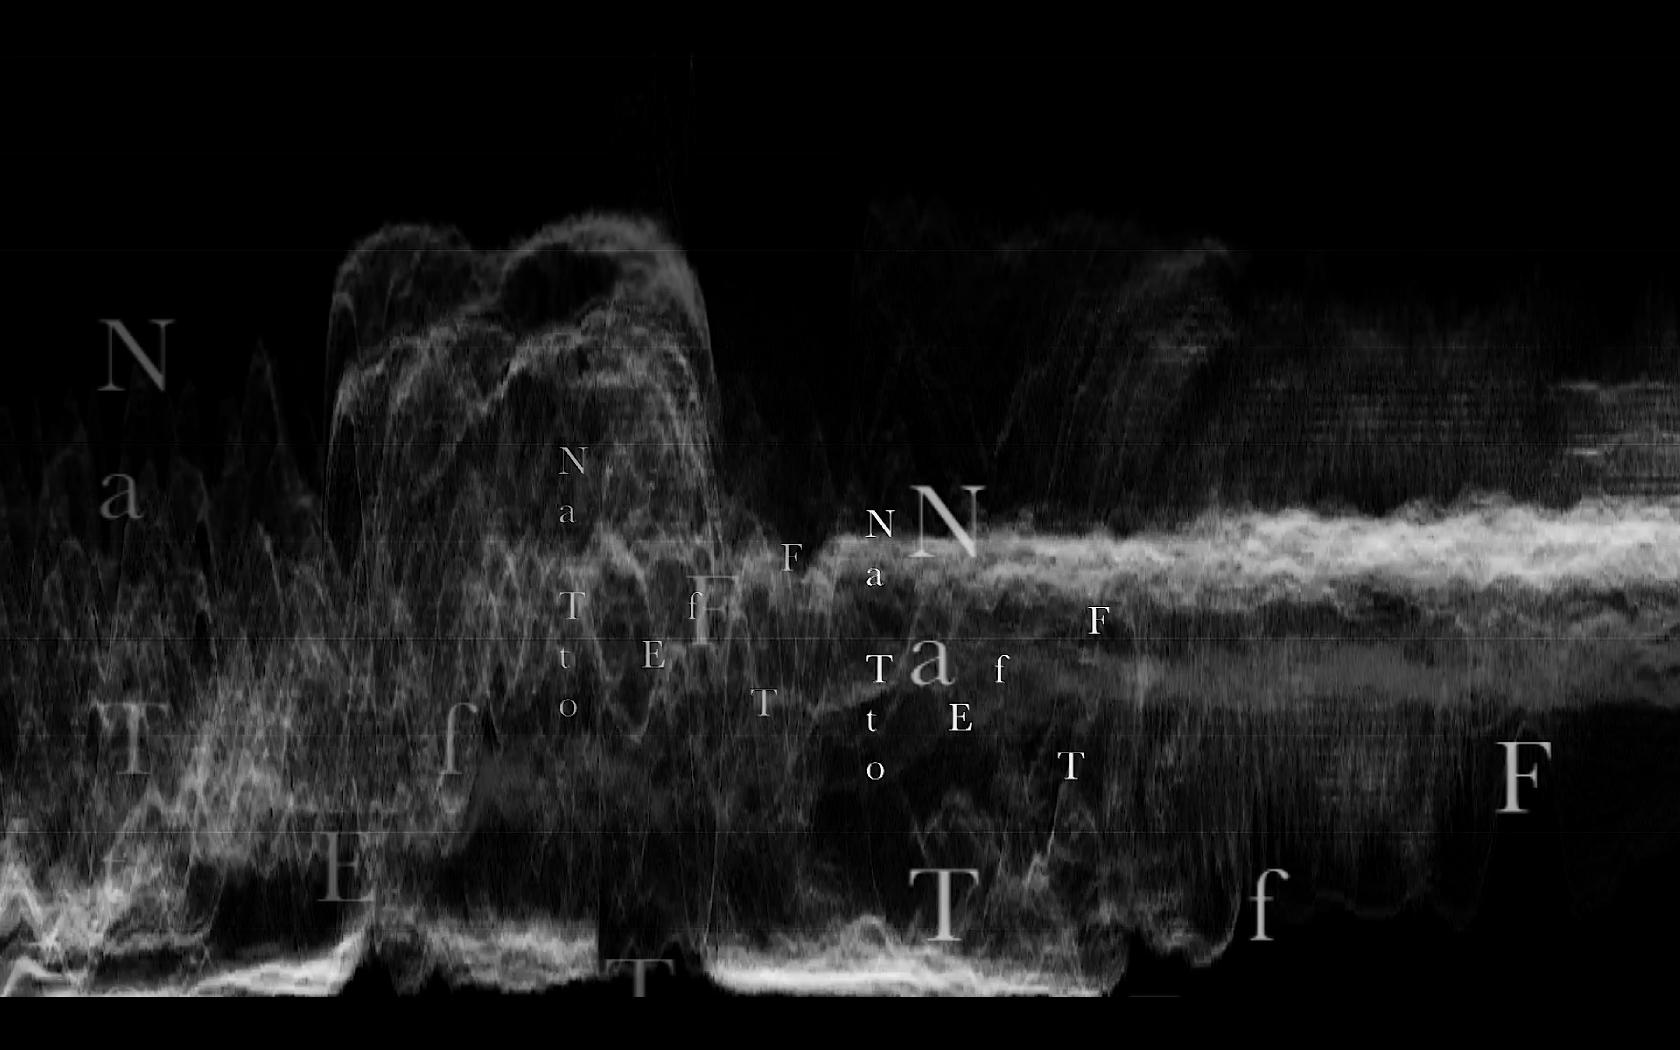 Paloma Schnitzer - Album-Teaser NaFTftEoT - videostill ( project NaFTftEoT, 2021)